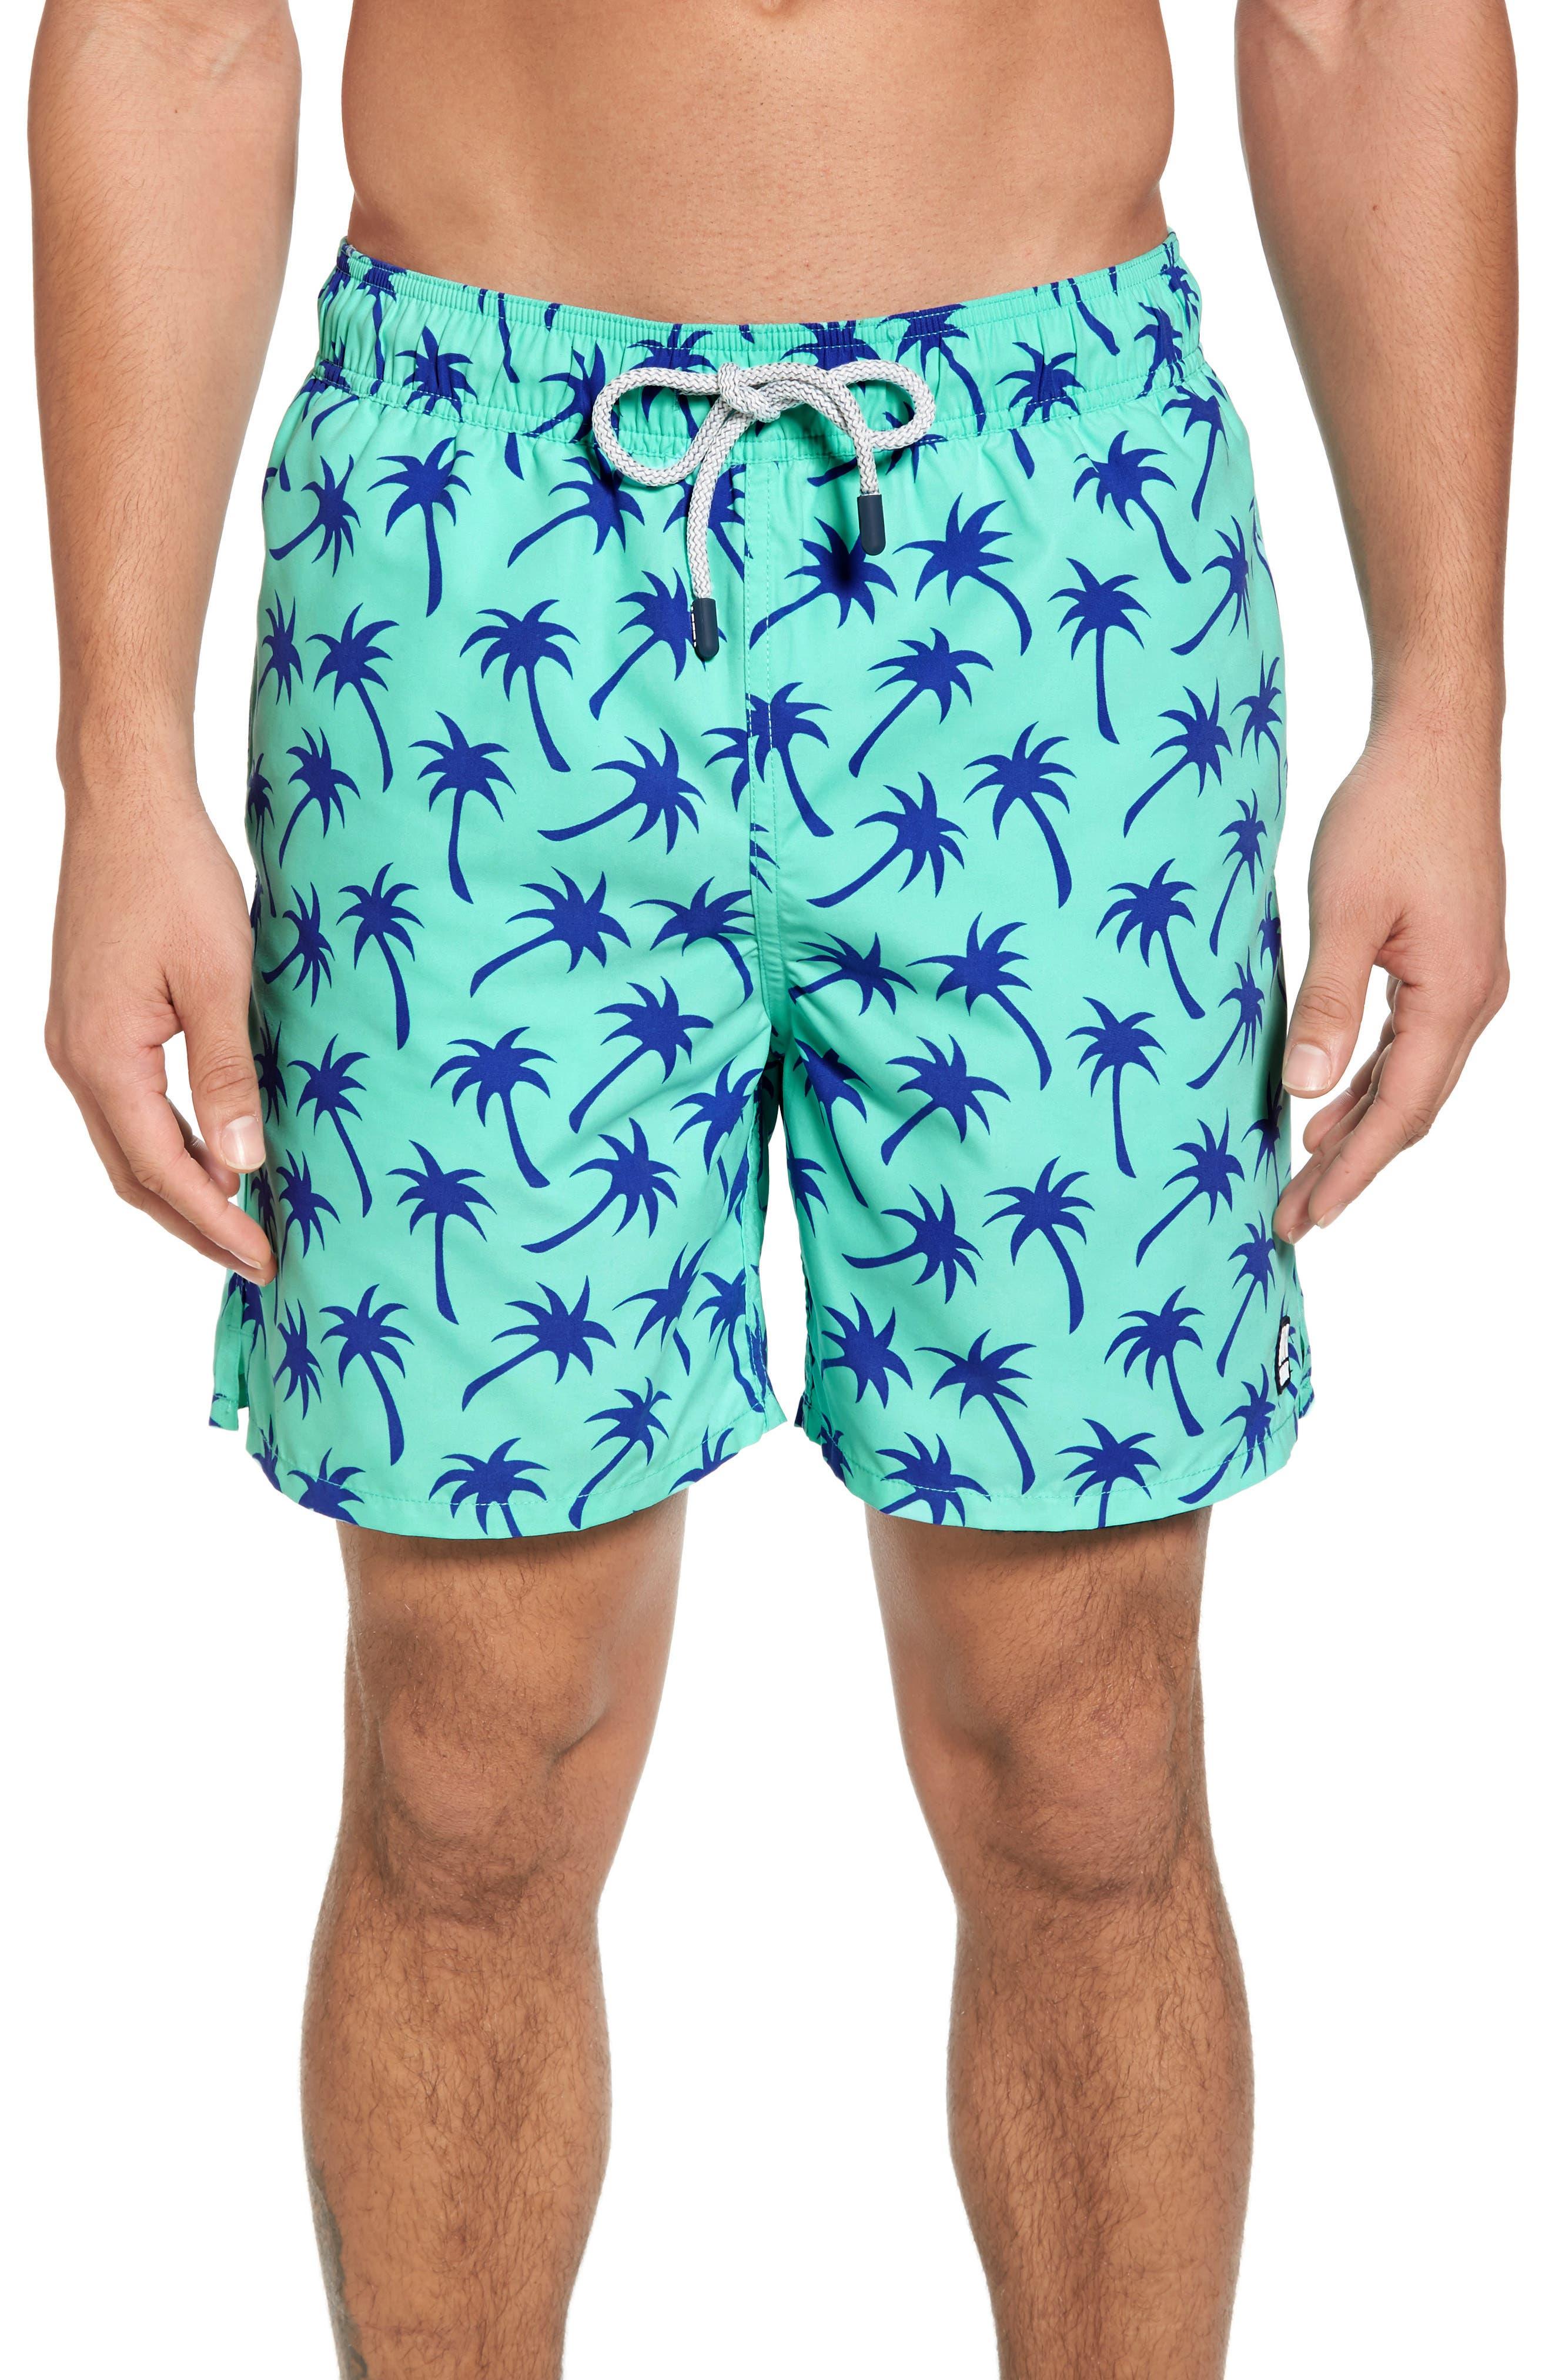 Tom & Teddy Palm Tree Print Swim Trunks, Green